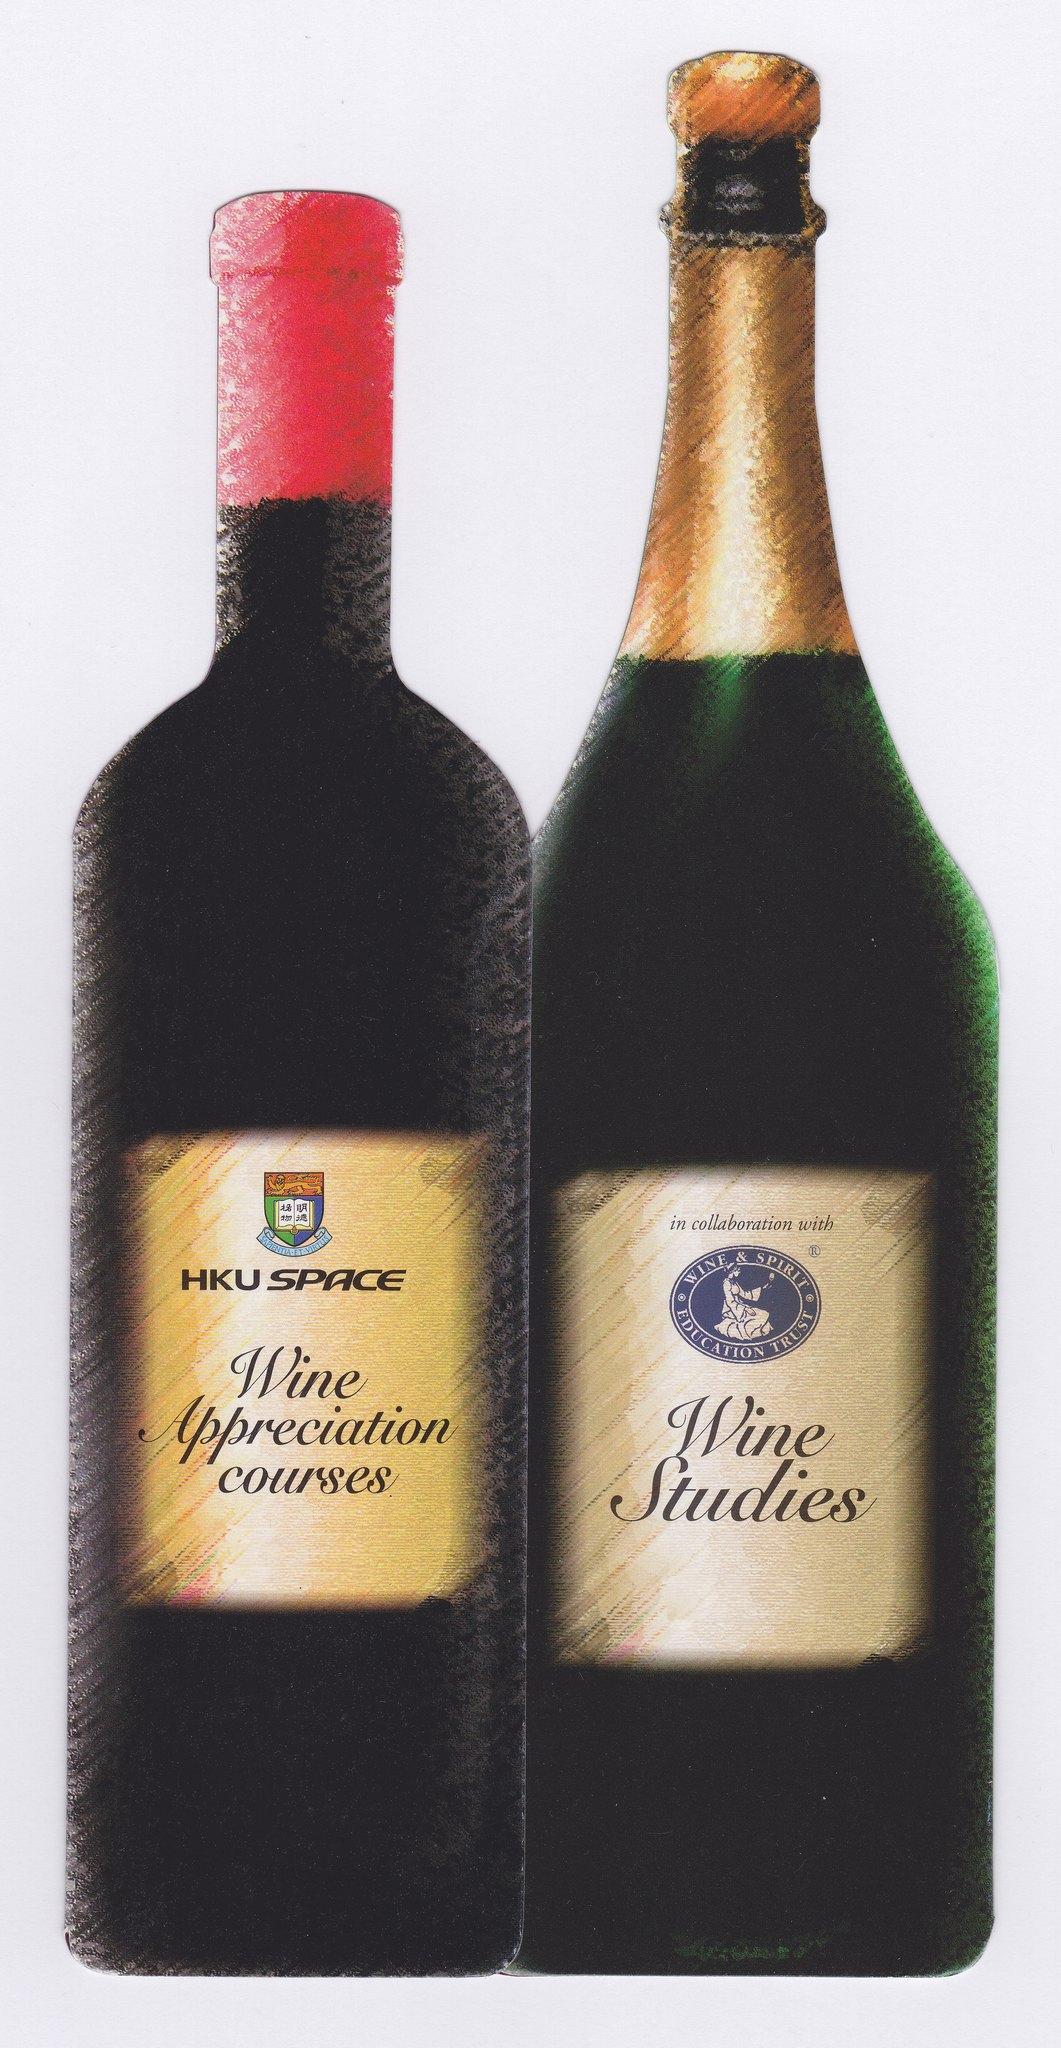 香港大學專業進修學院餐酒進階課程 HKU SPACE Wine Studies I